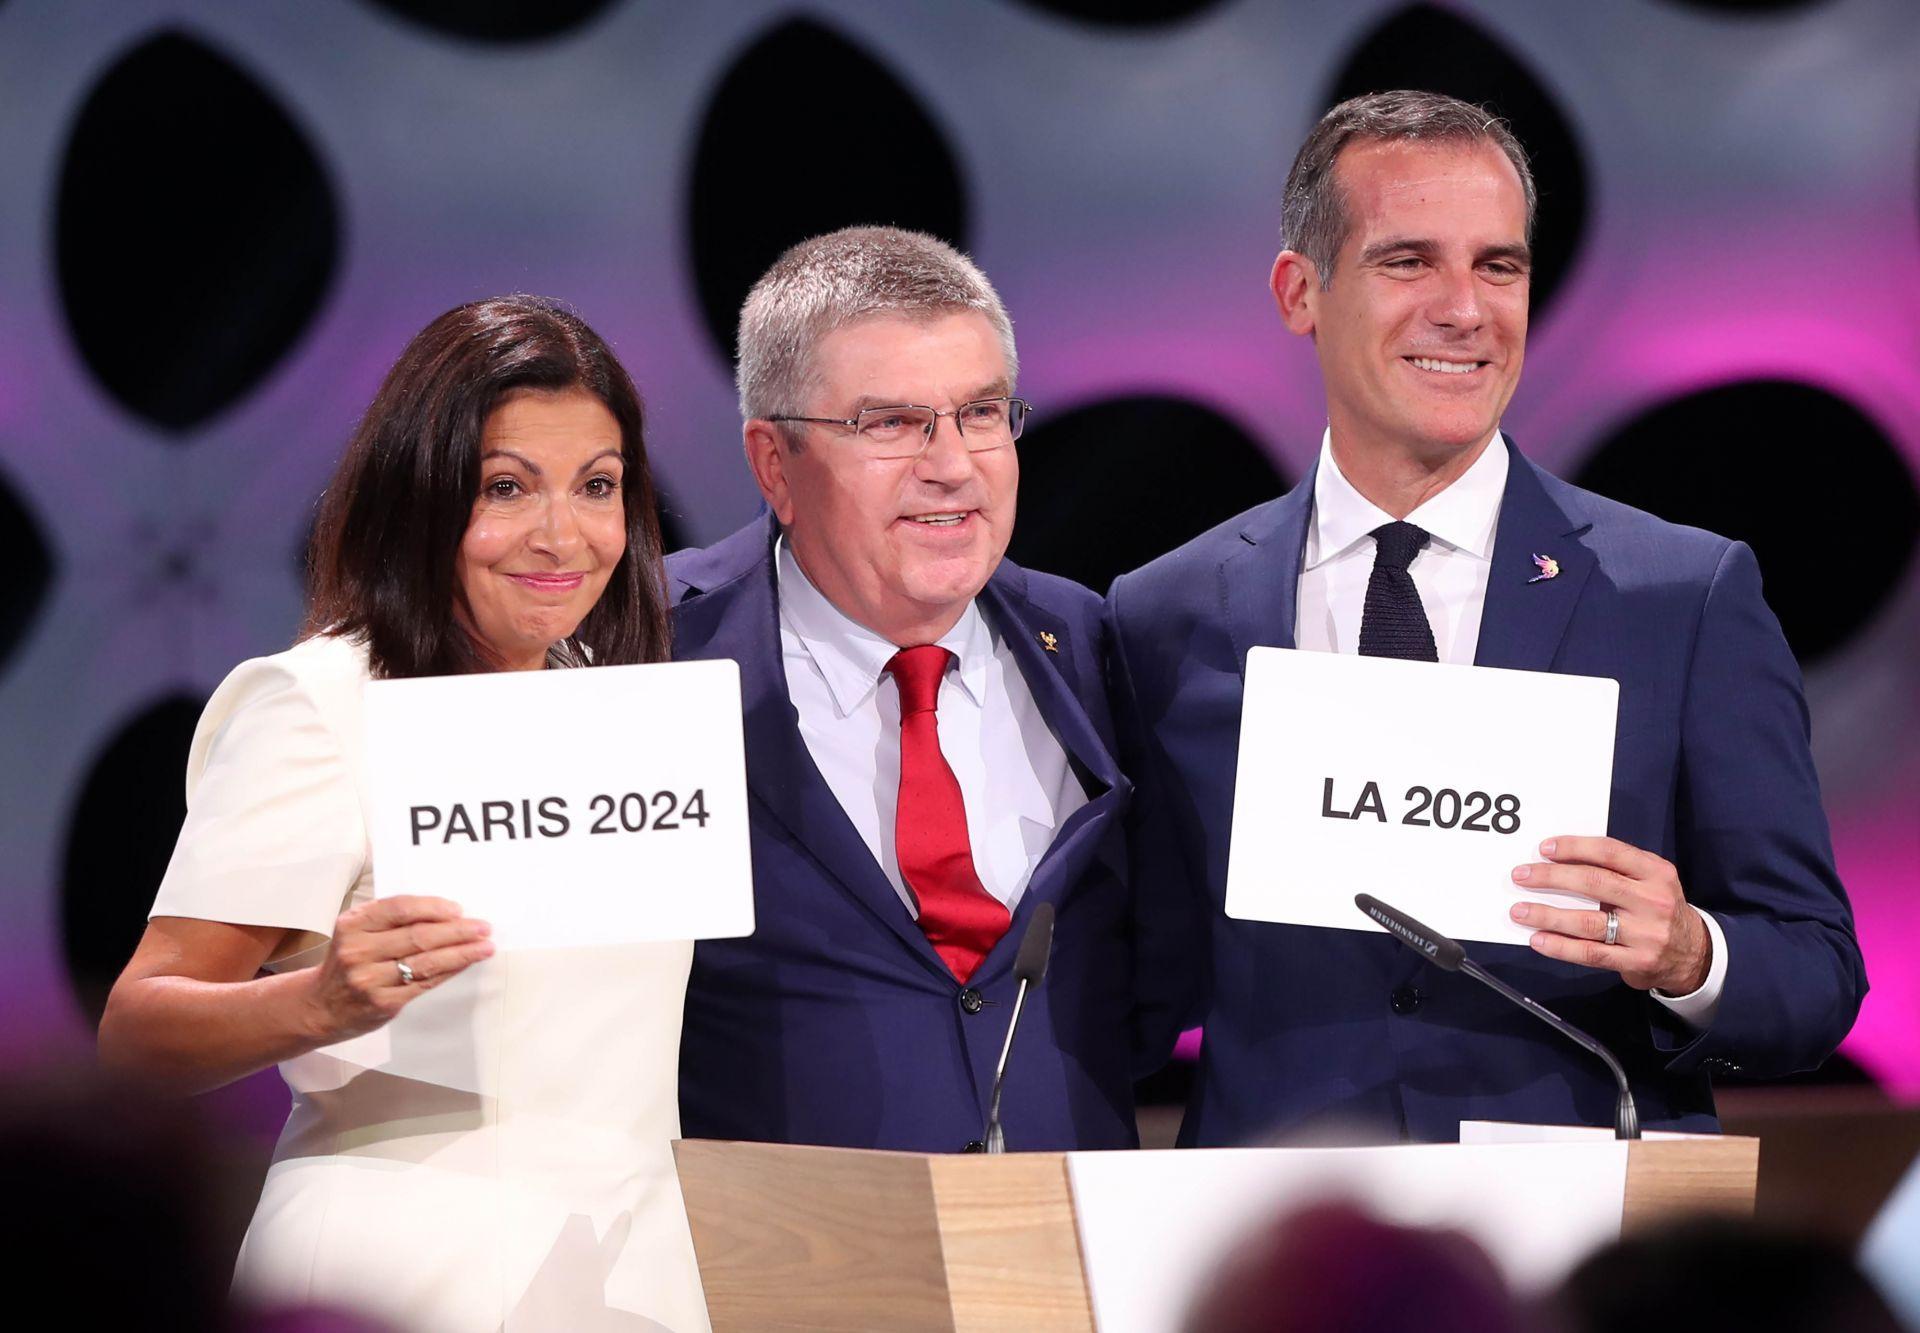 COI aprueba la concesión de los Juegos de 2024 a París y 2028 a LA